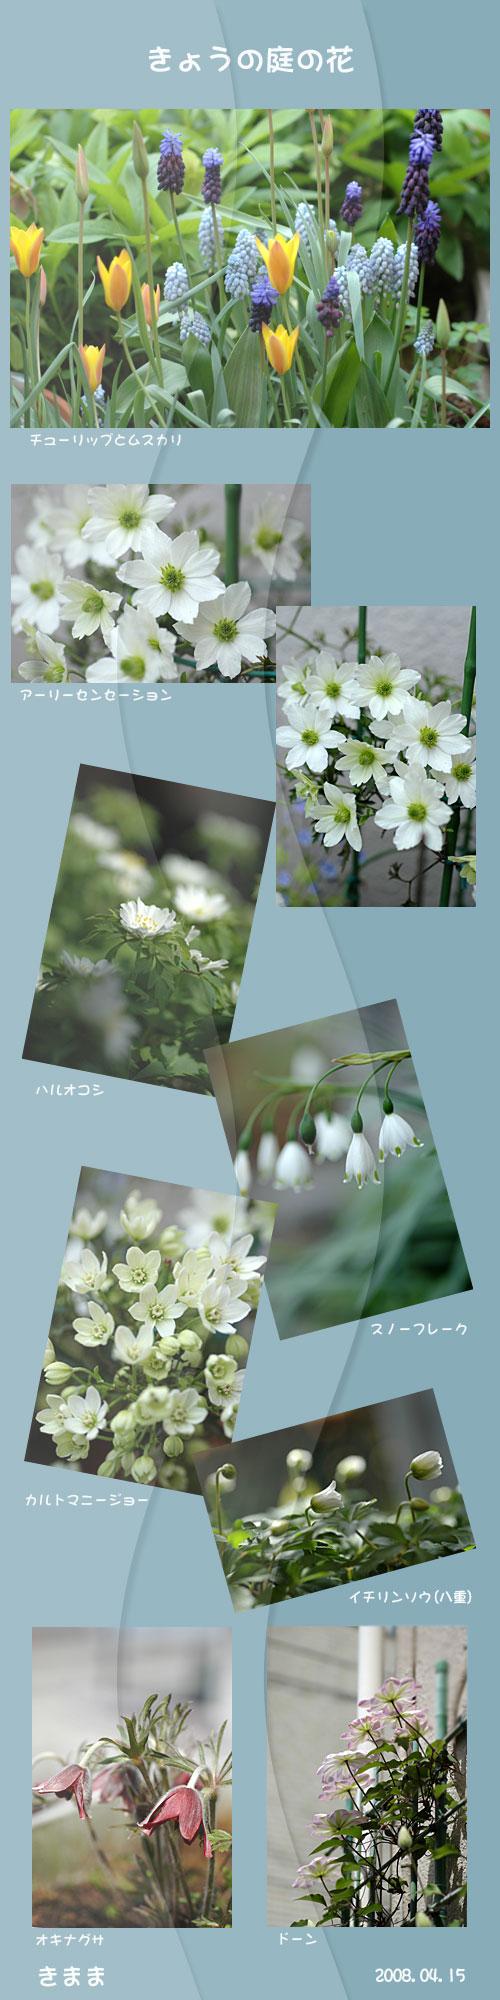 4月15日庭の花